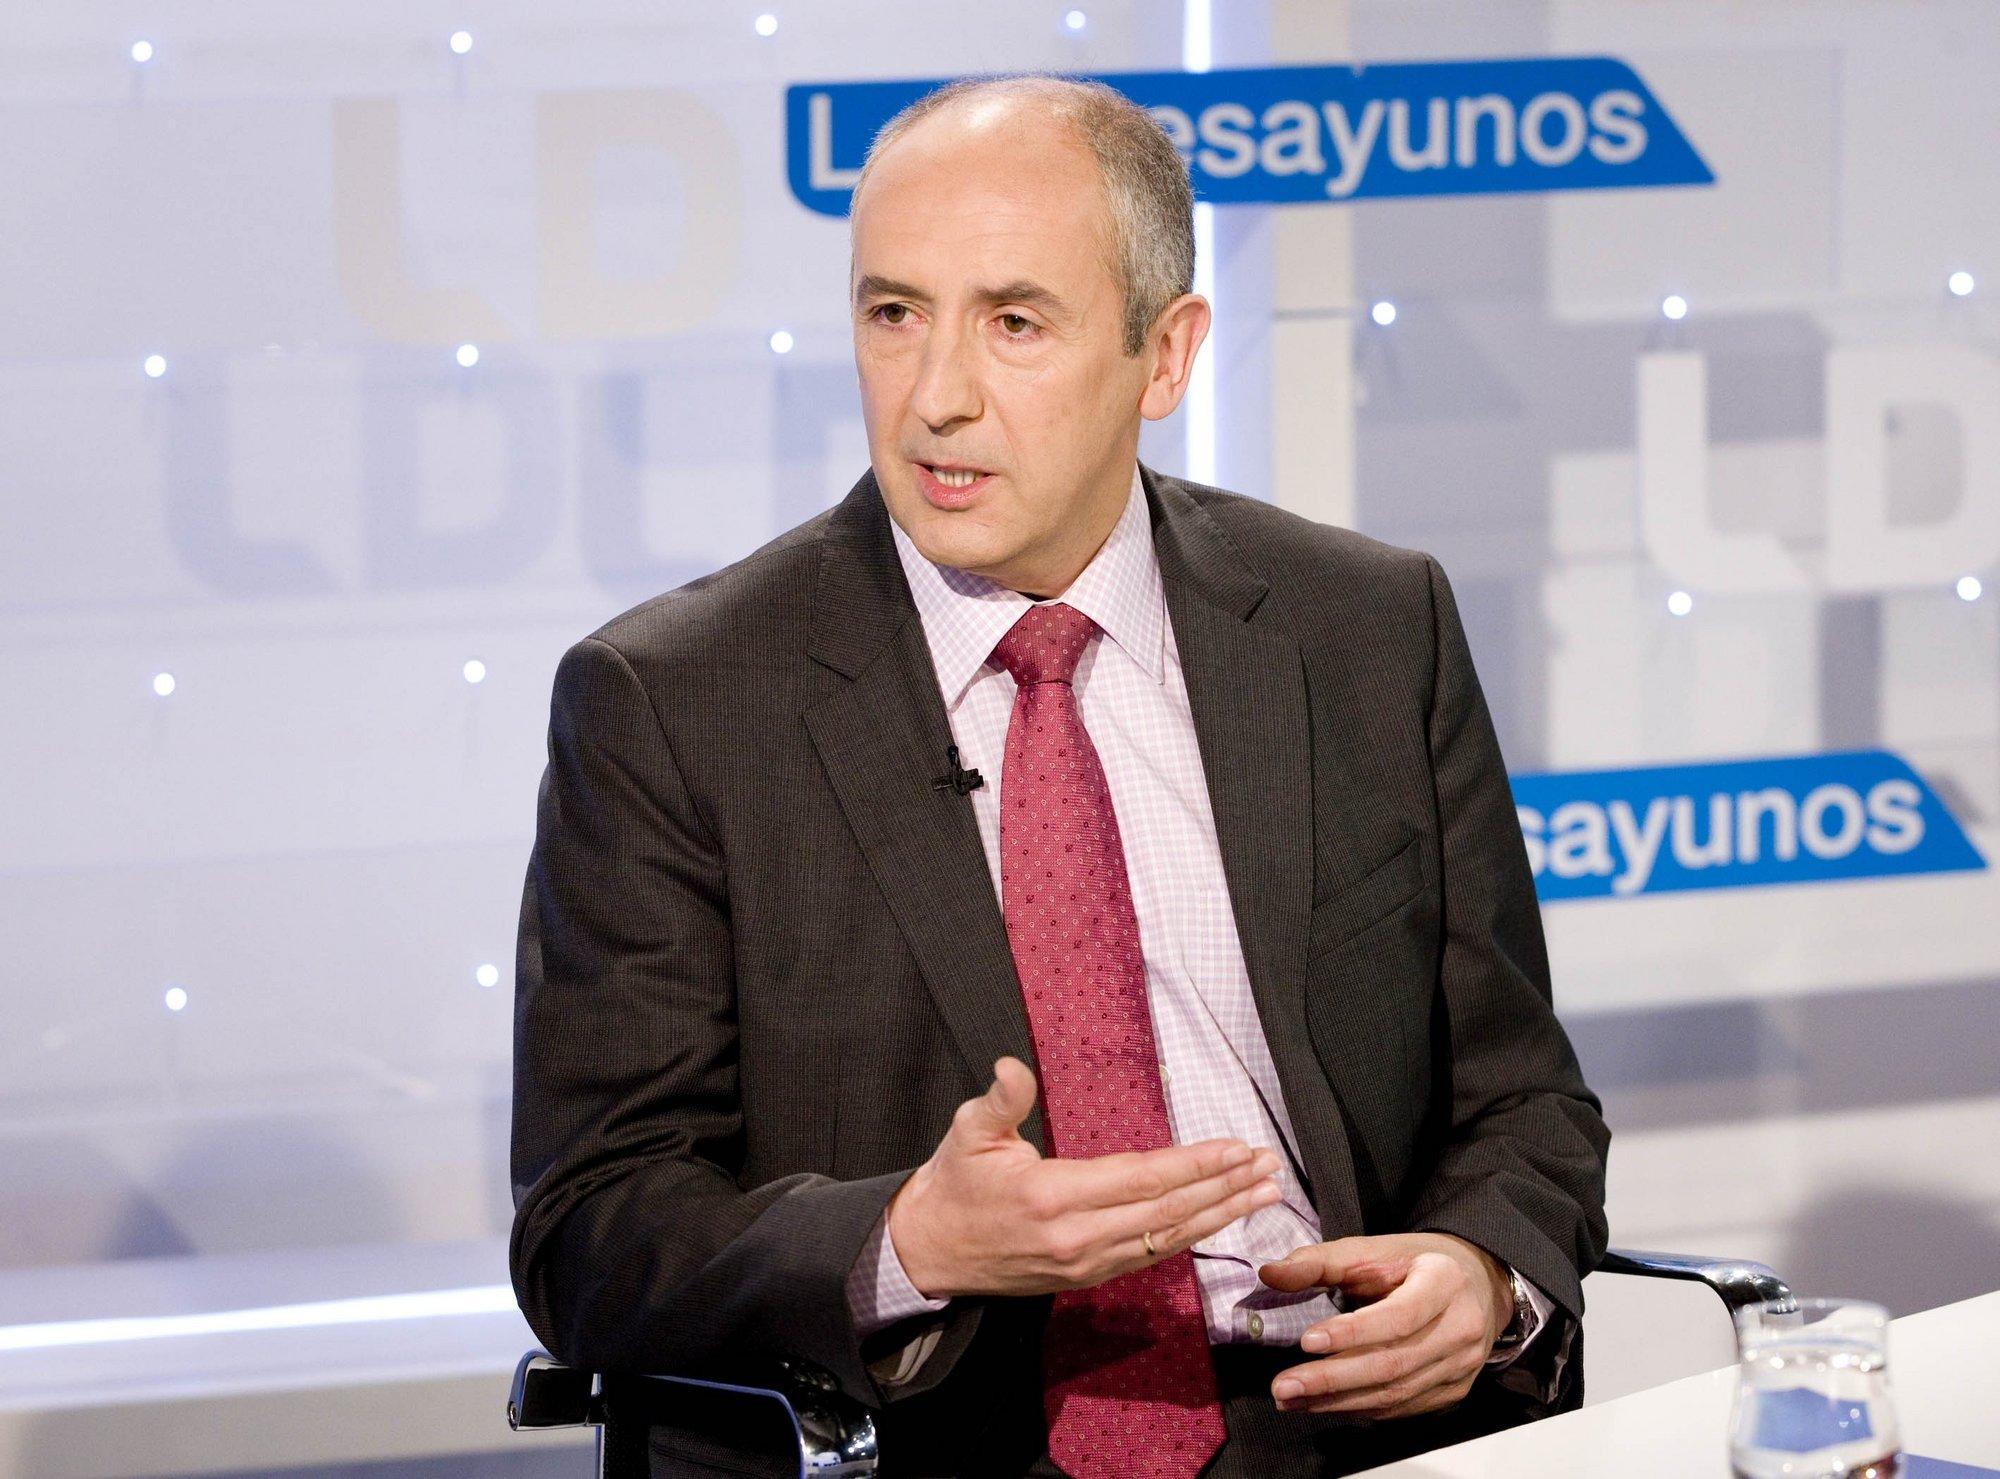 Erkoreka no descarta un entendimiento entre PNV y la izquierda abertzale tras las elecciones autonómicas vascas